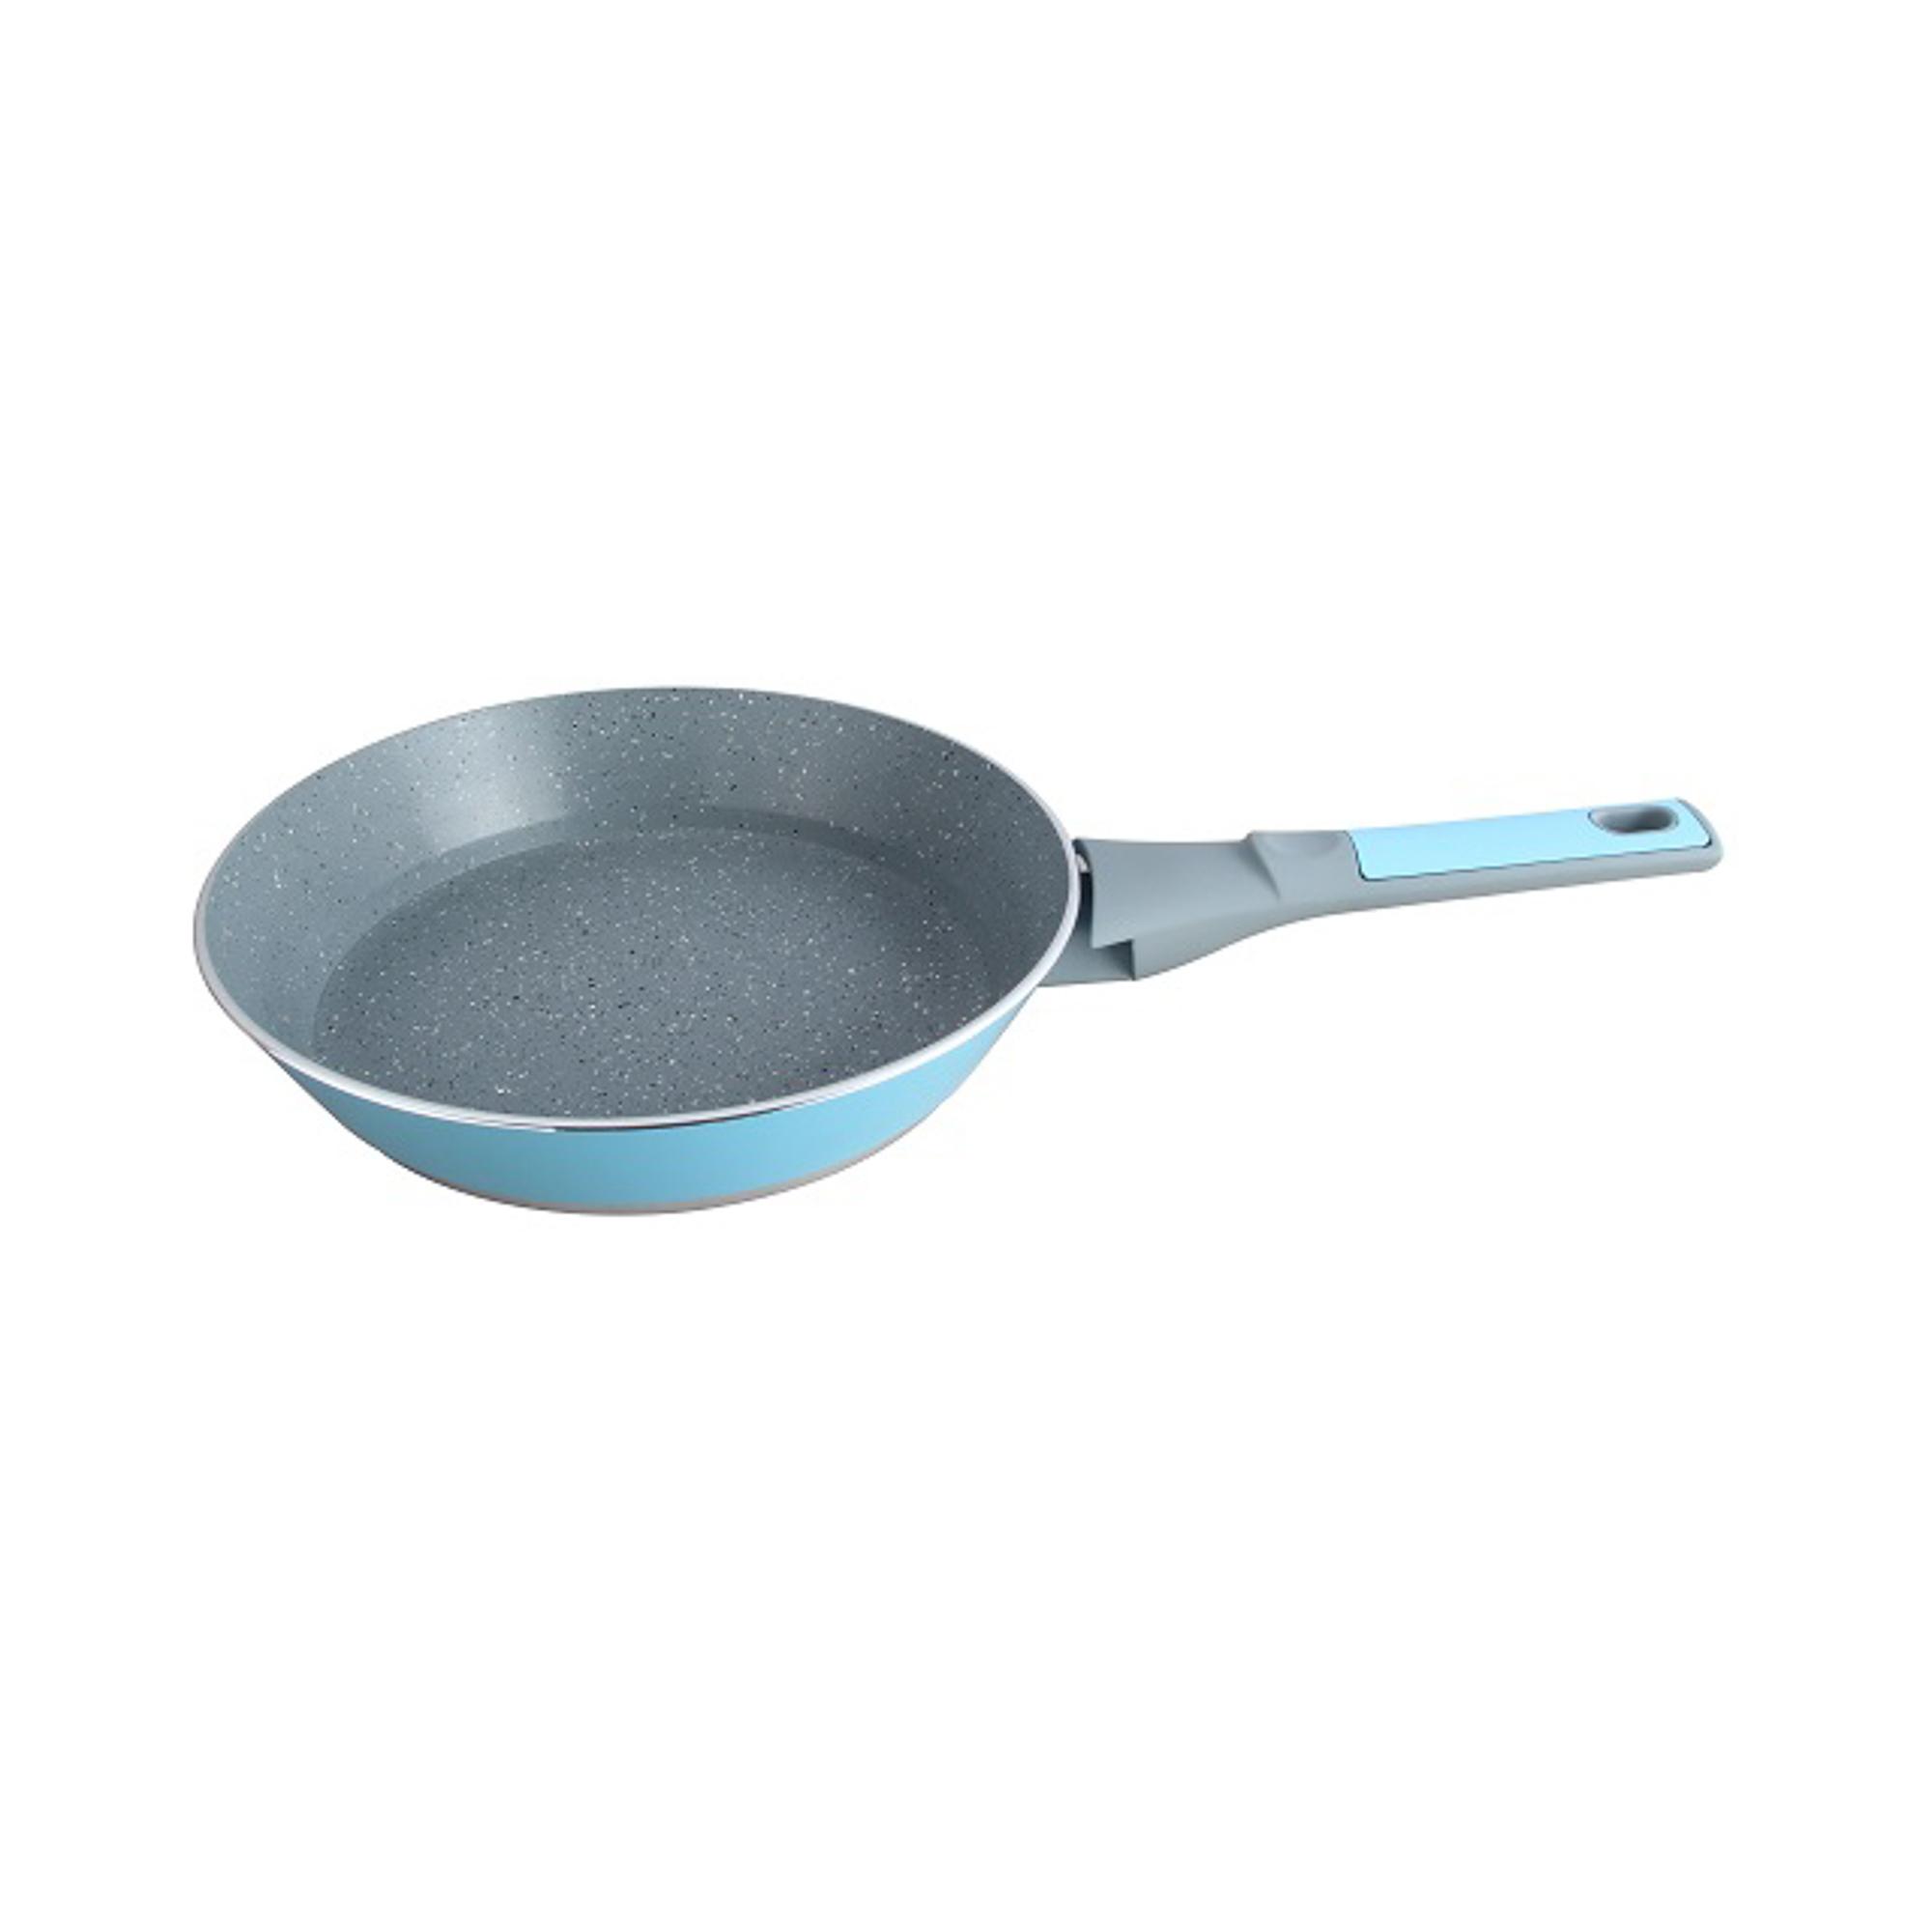 Сковорода Werner Sunrise 24 см сковорода d 24 см kukmara кофейный мрамор смки240а